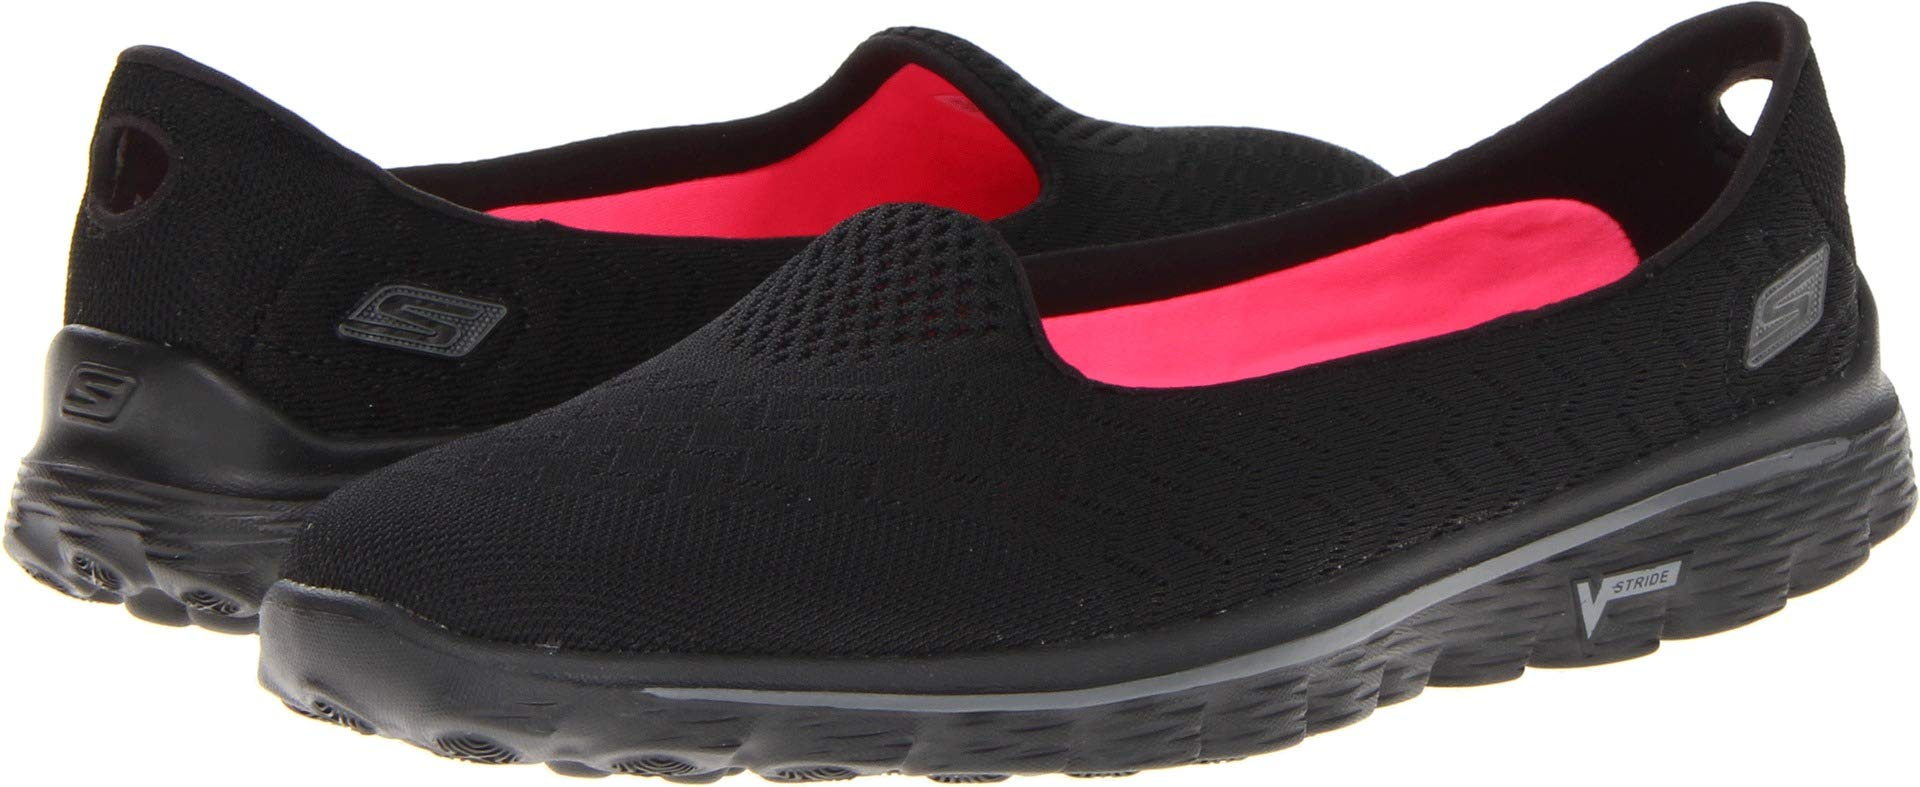 Skechers Performance Women's Go Walk 2 Axis Slip-On Walking Shoe,Black,8 M US by Skechers